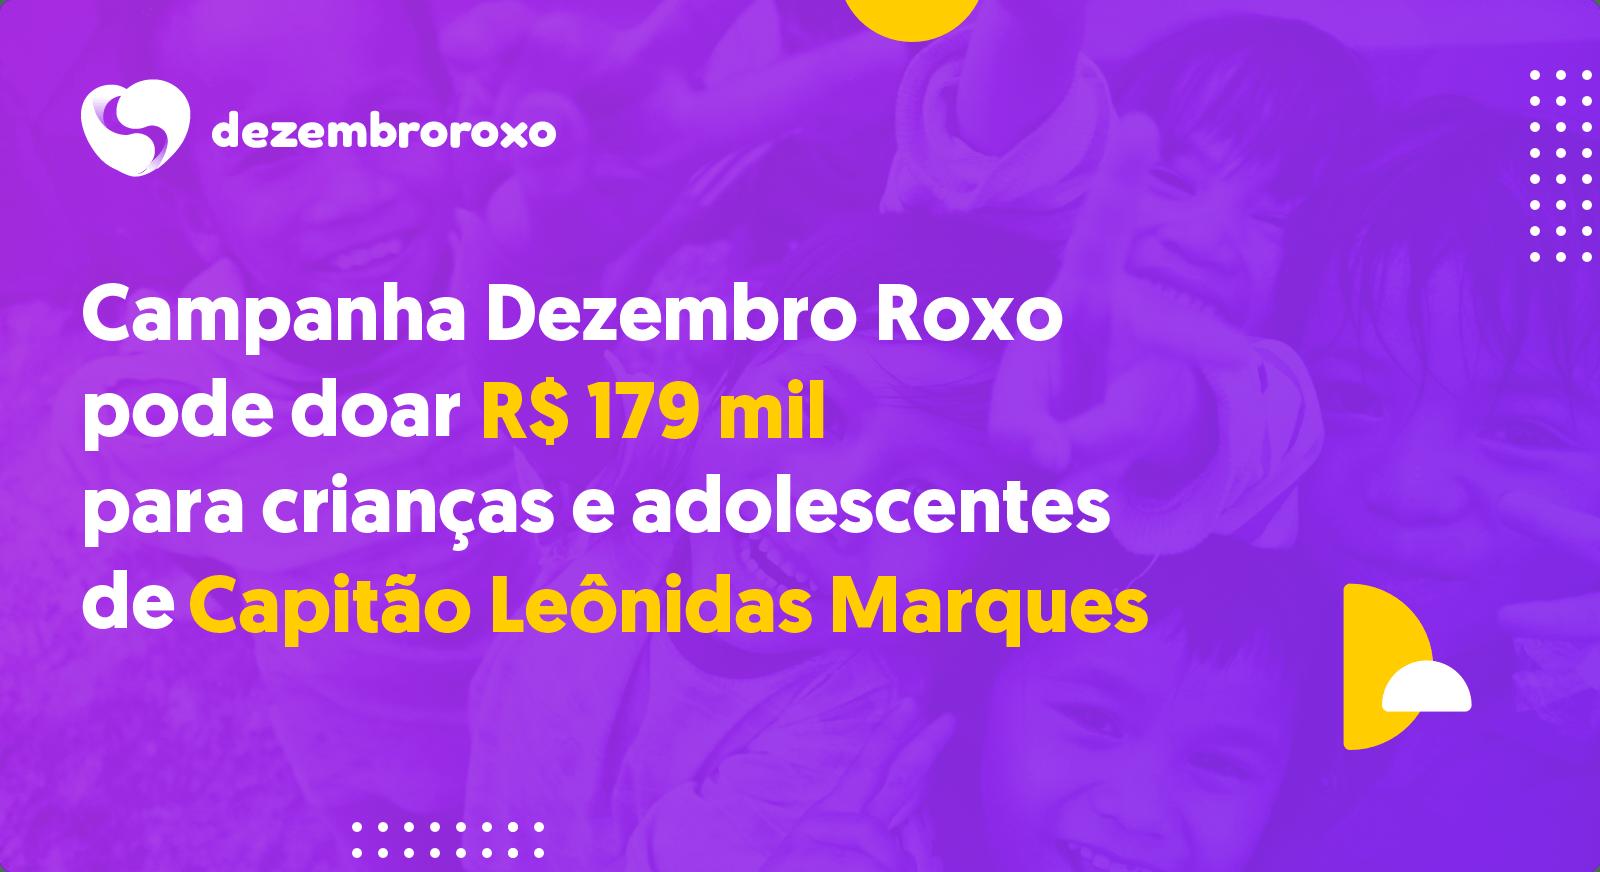 Doações em Capitão Leônidas Marques - PR